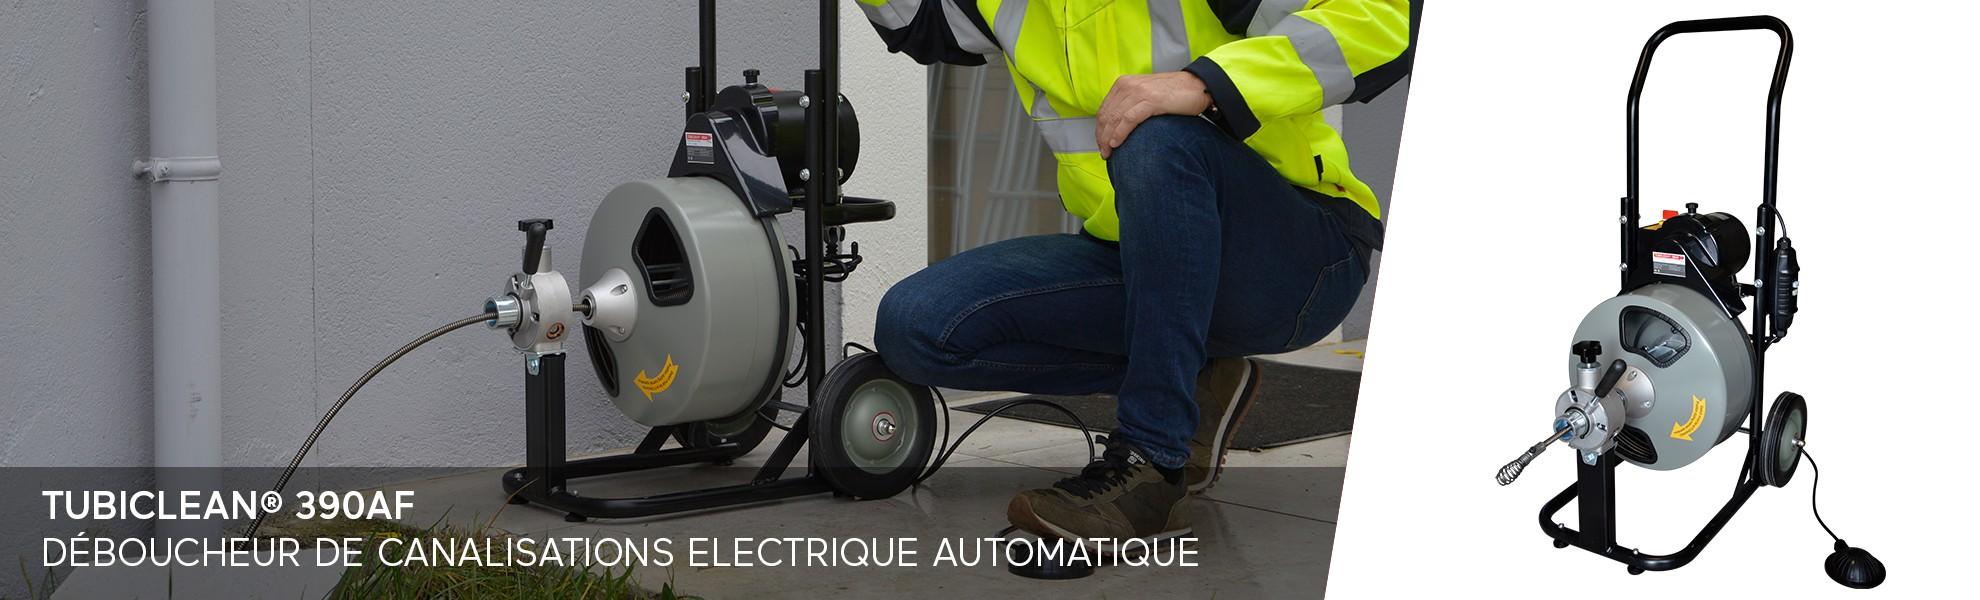 Tubiclean® 390AF - Déboucheur de canalisations automatique